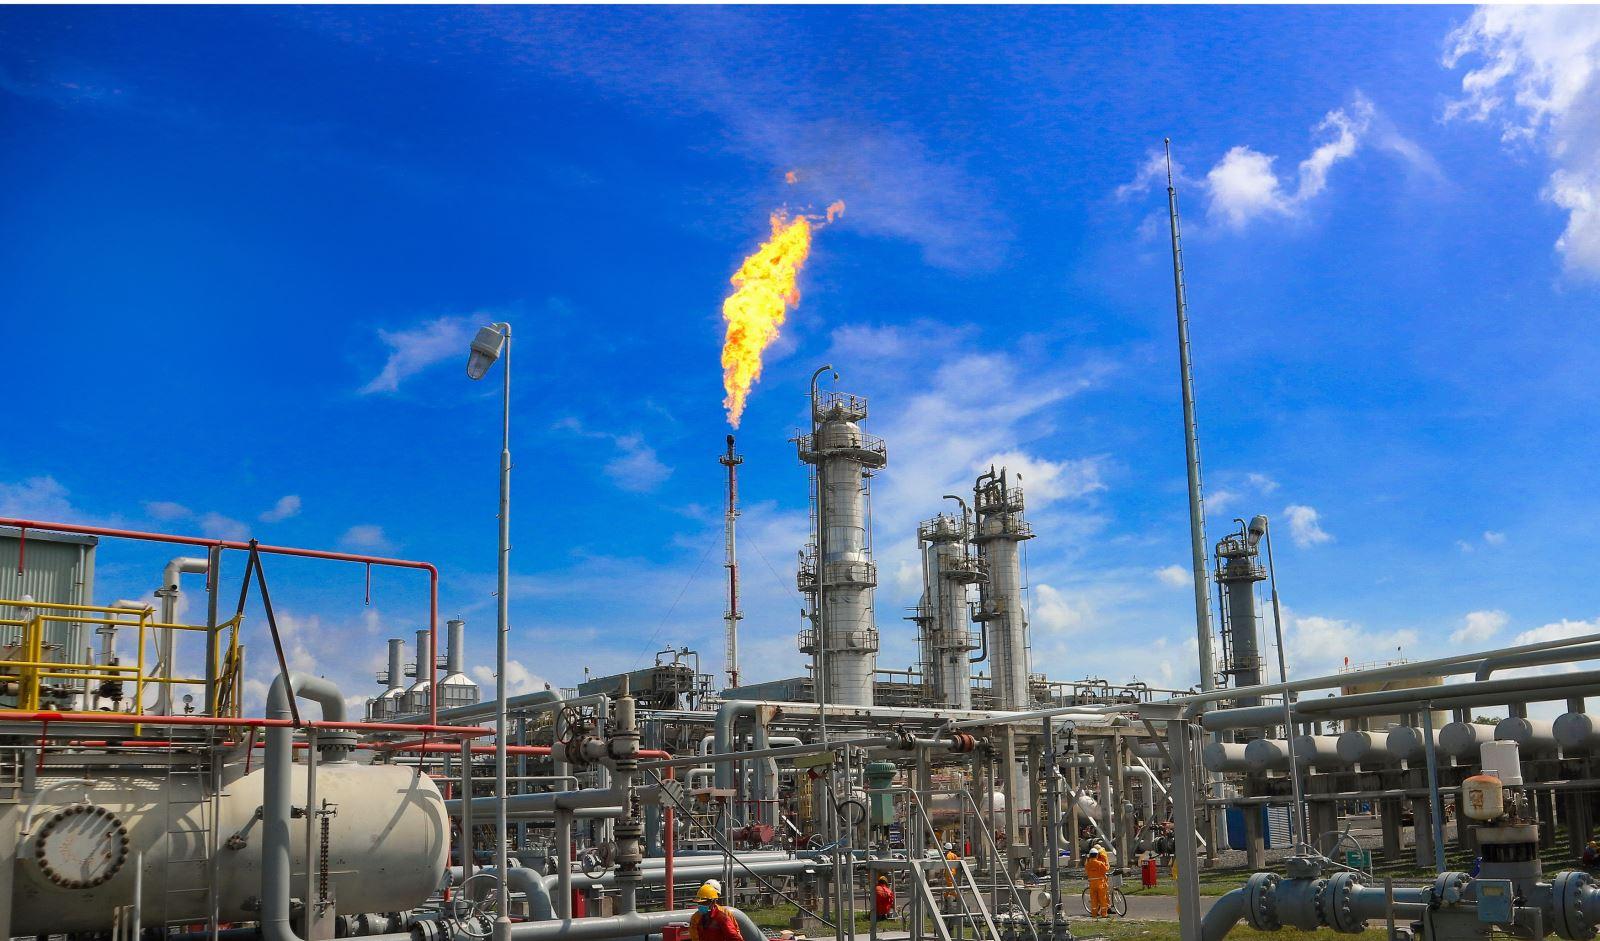 Nghiên cứu phát triển công nghệ sản xuất nhiên liệu sạch từ khí tự nhiên